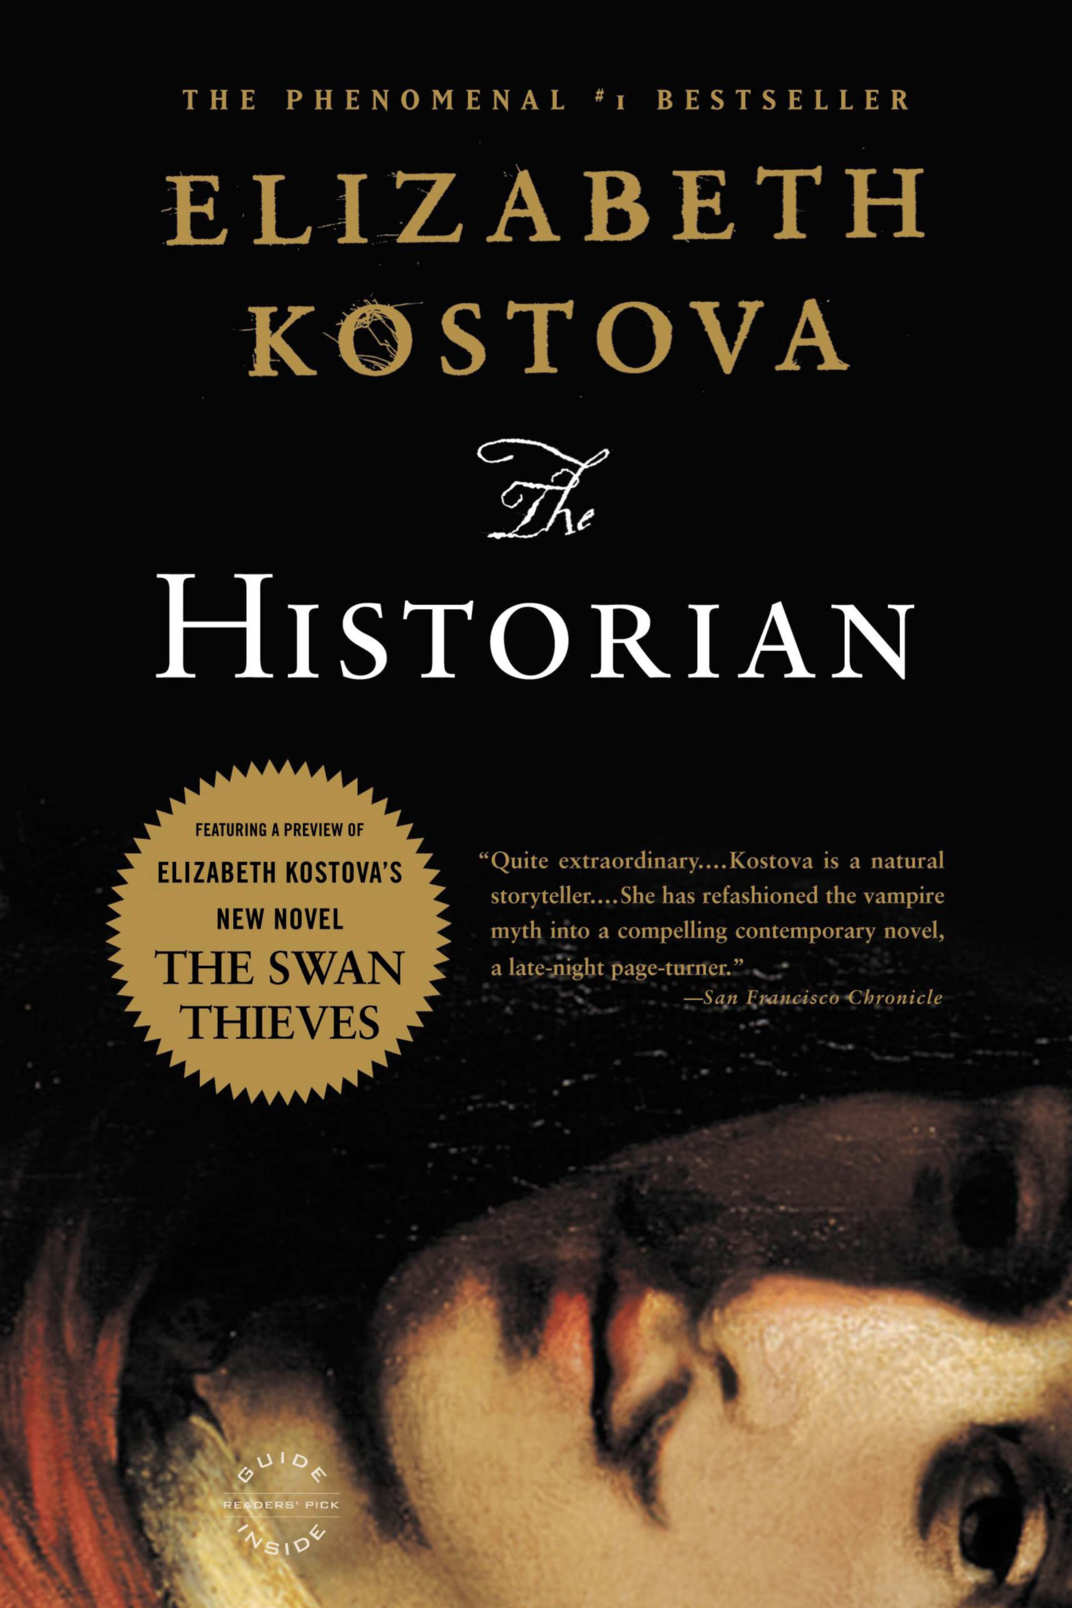 <em>The Historian</em> by Elizabeth Kostova